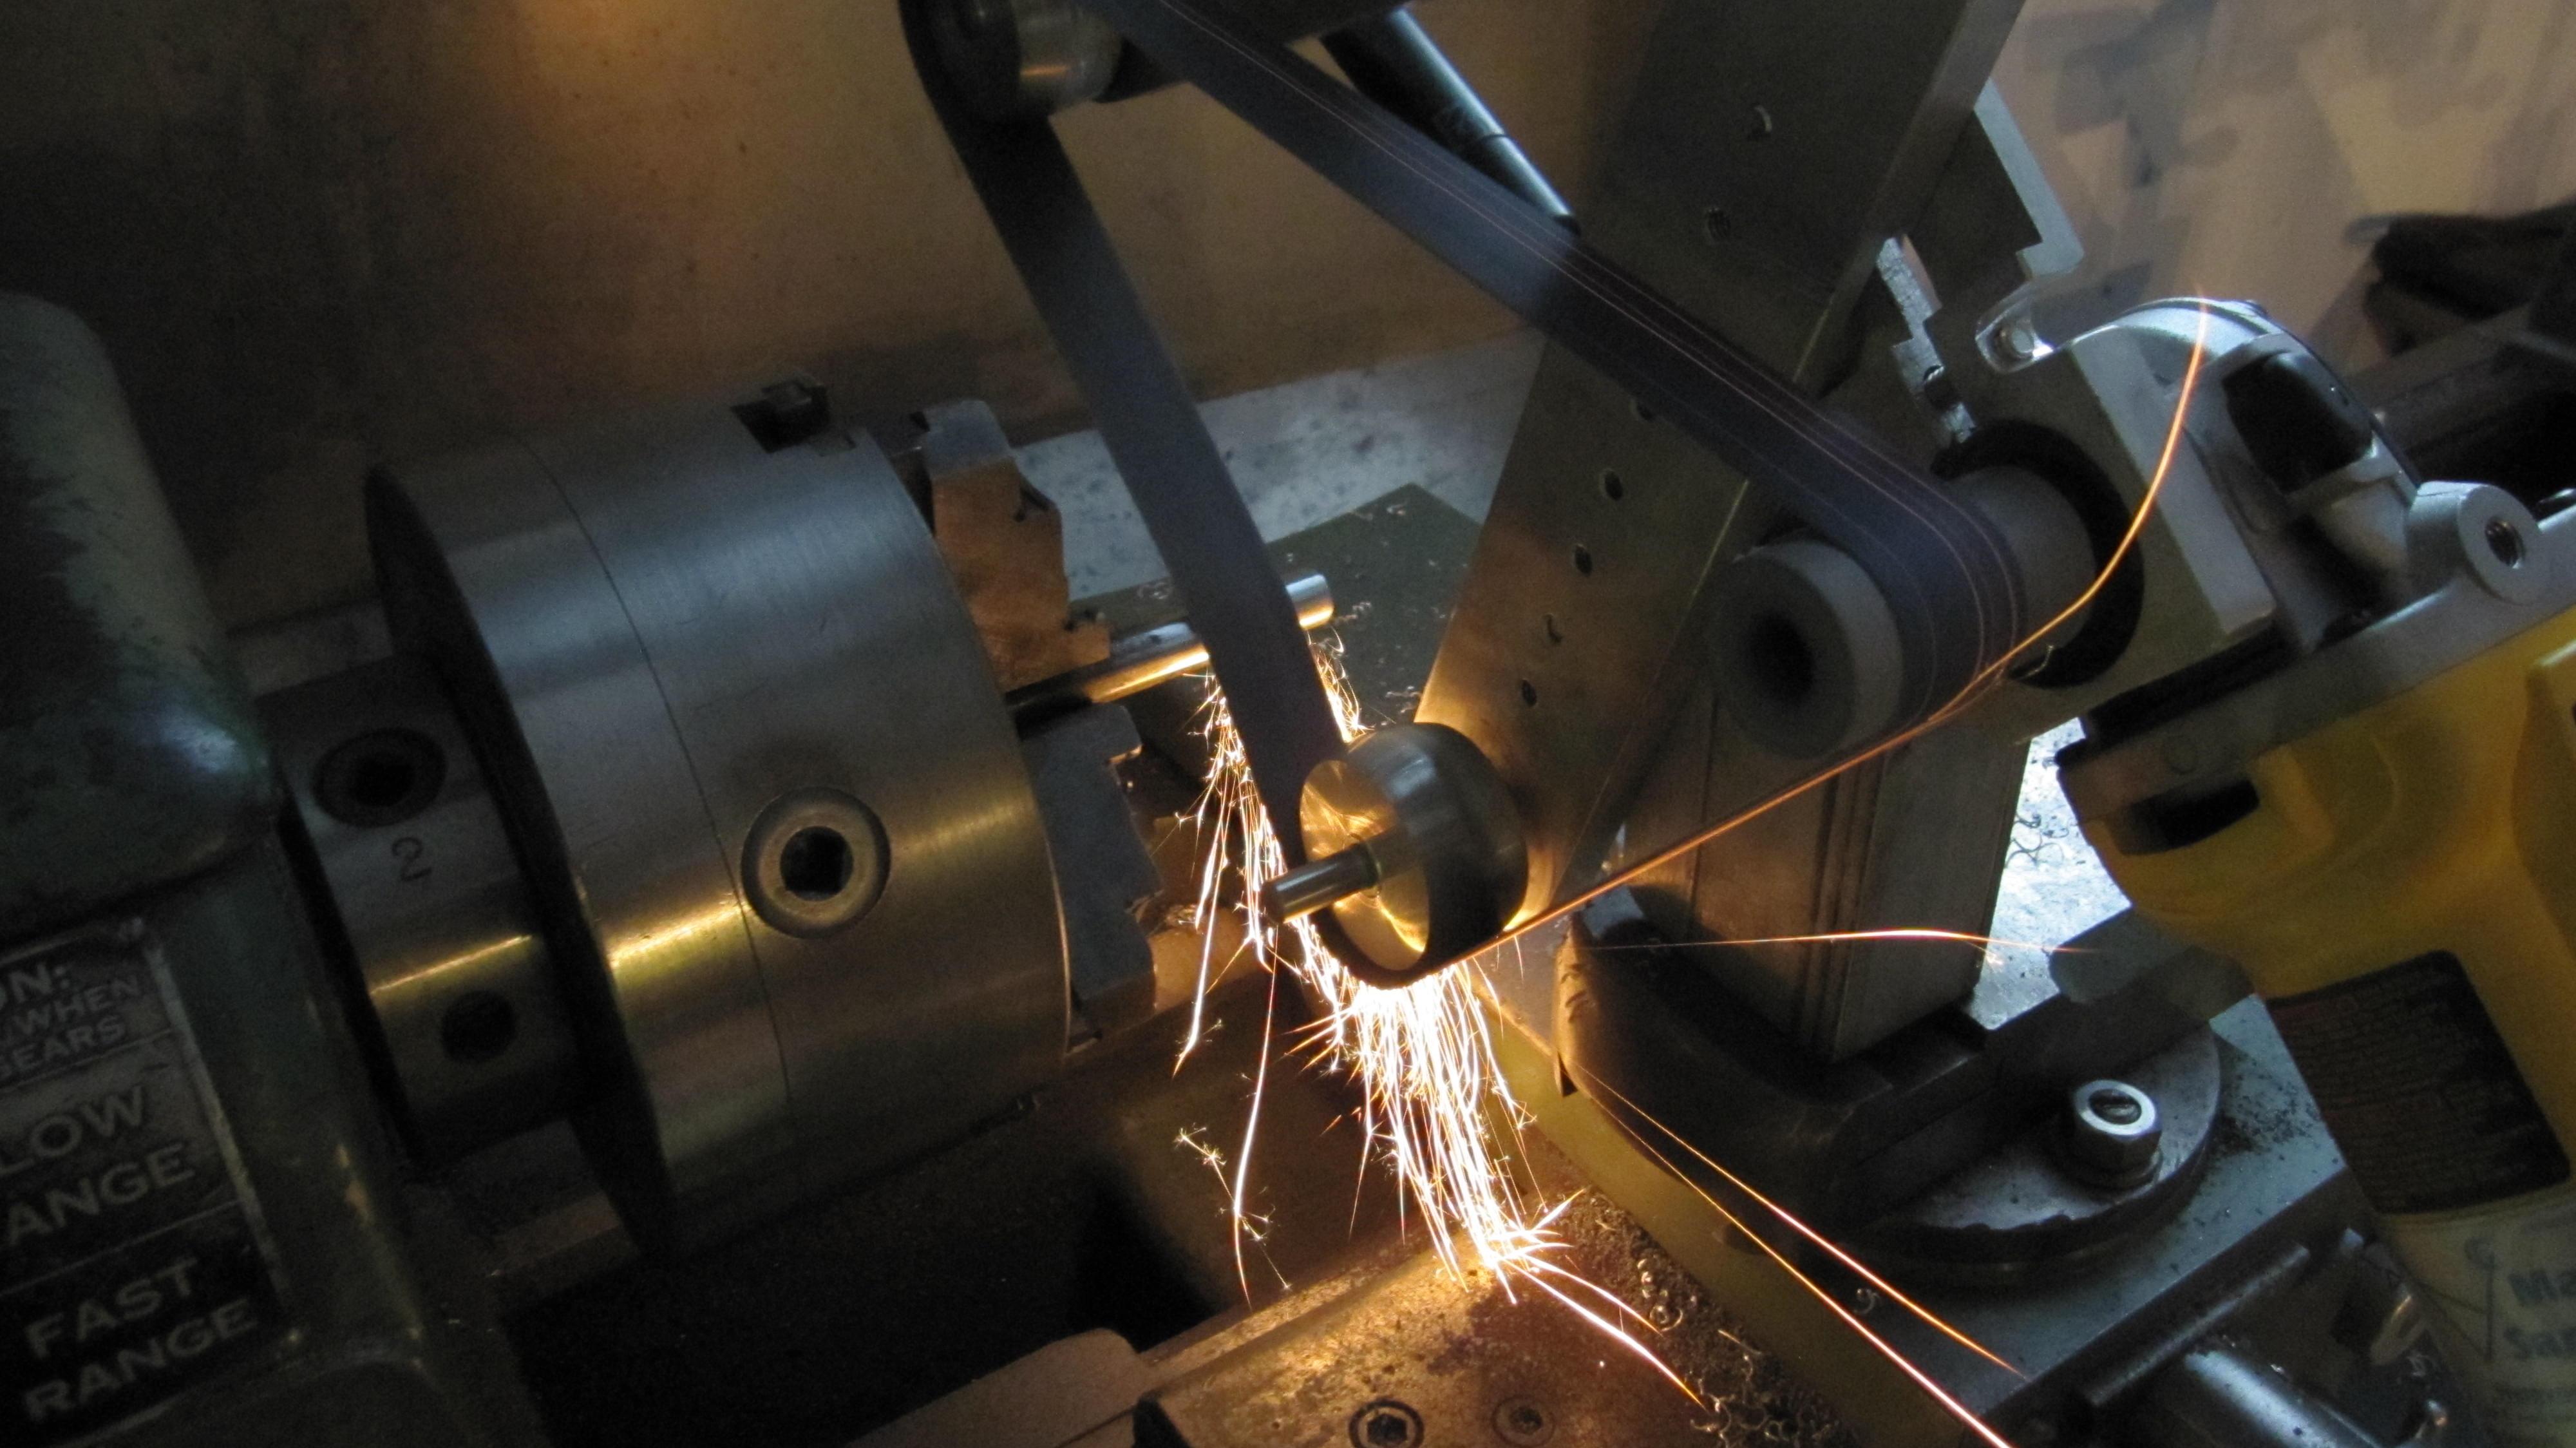 belt sander, tool post grinder